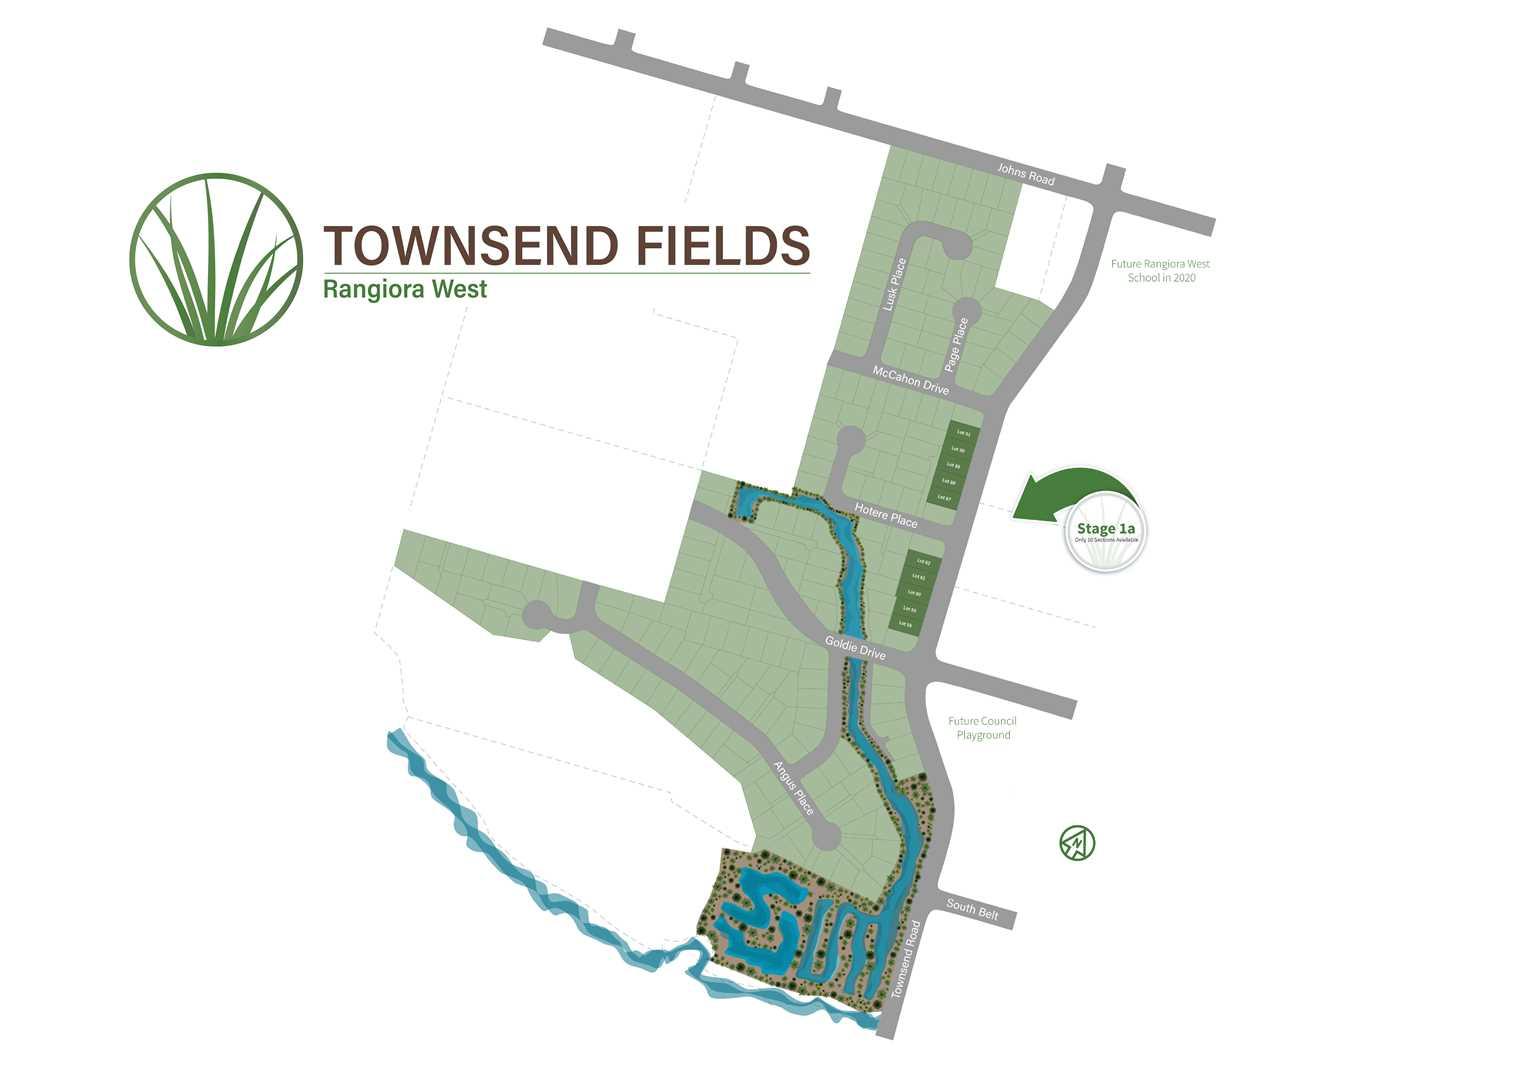 Townsend Fields, Rangiora West